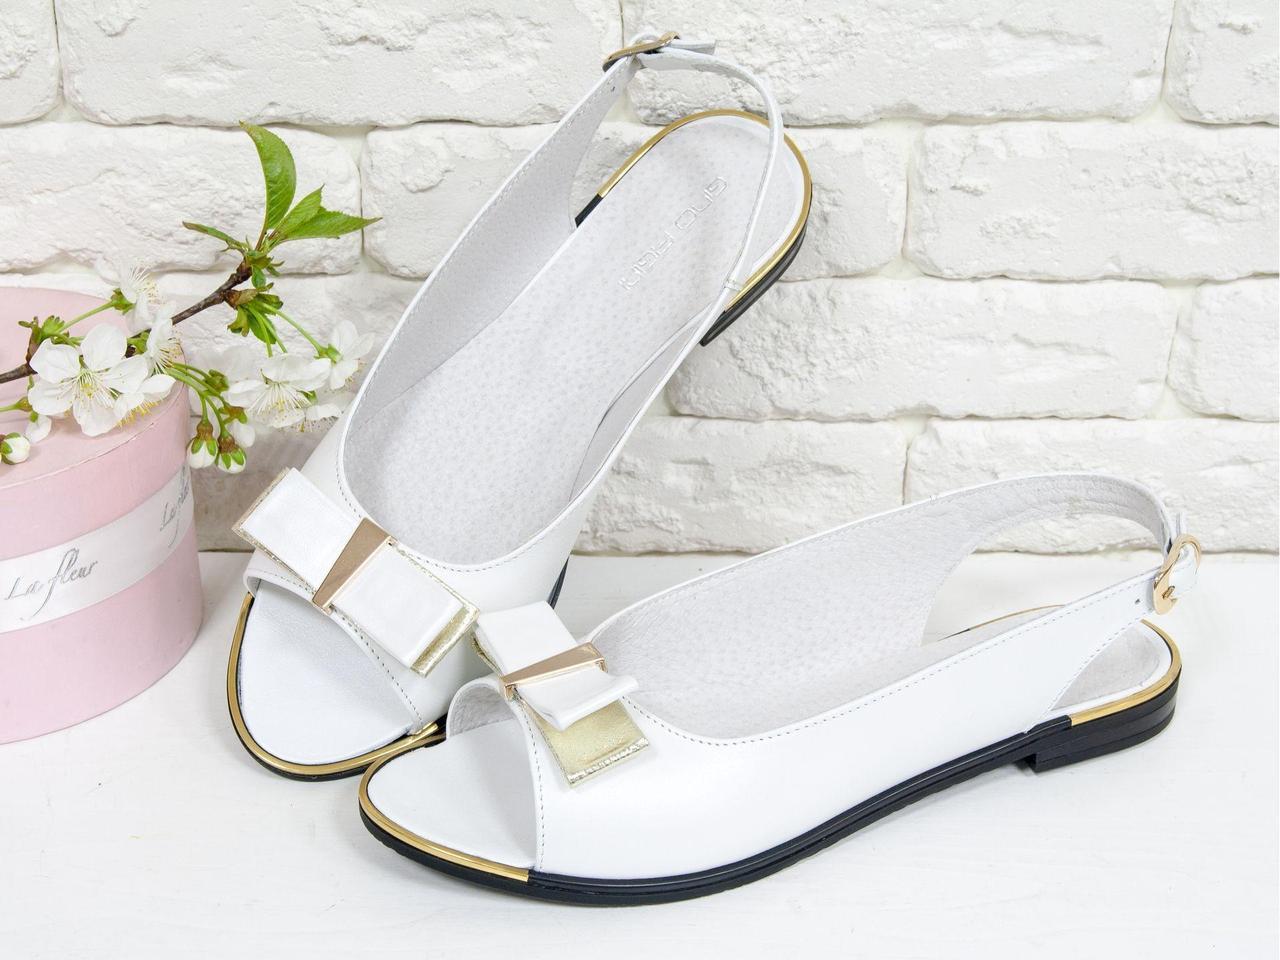 Классические Босоножки выполнены из натуральной кожи белого и золотого цвета, на низком ходу, С-104